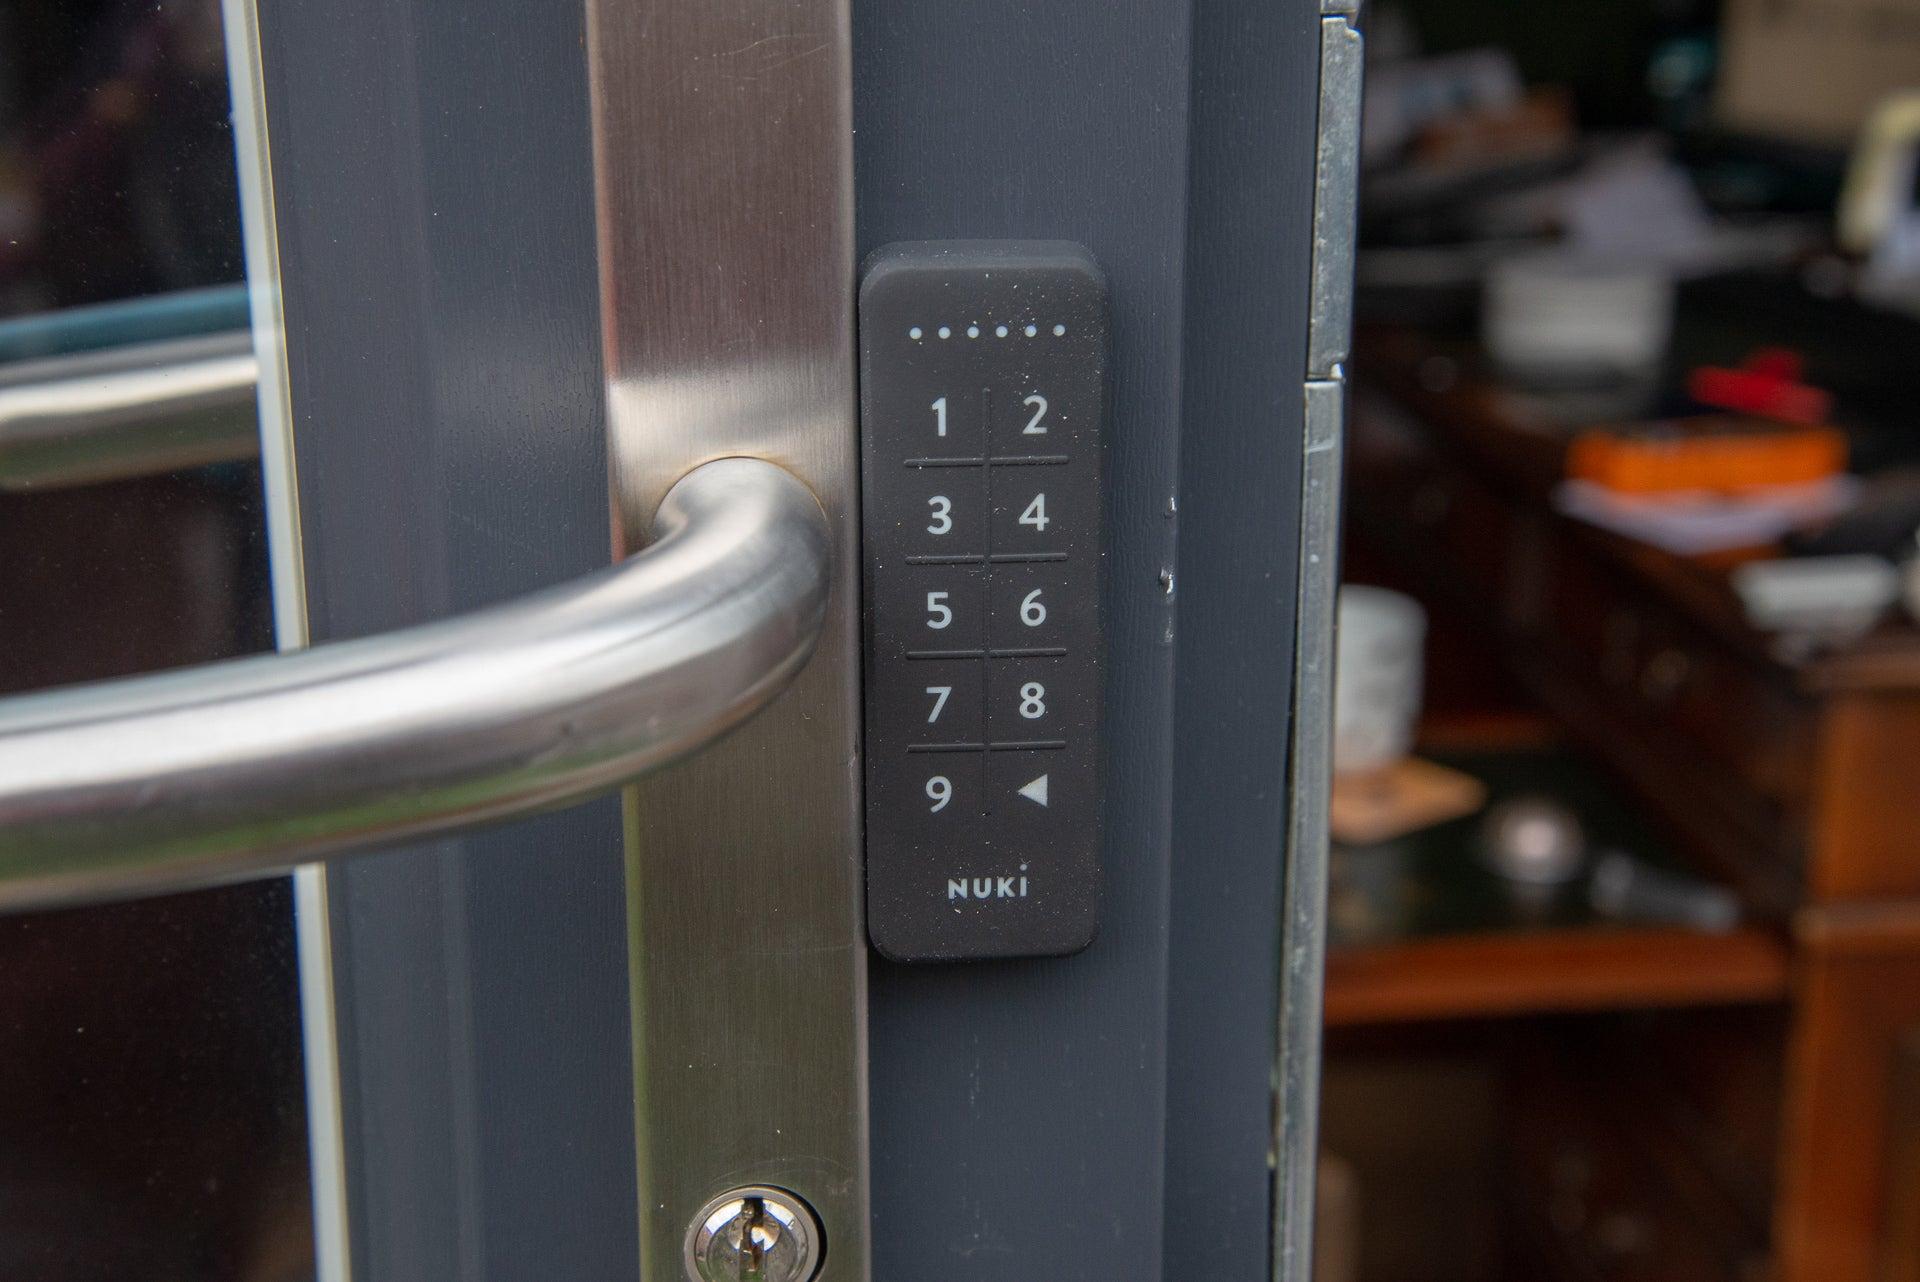 Nuki Smart Lock 2.0 keypad